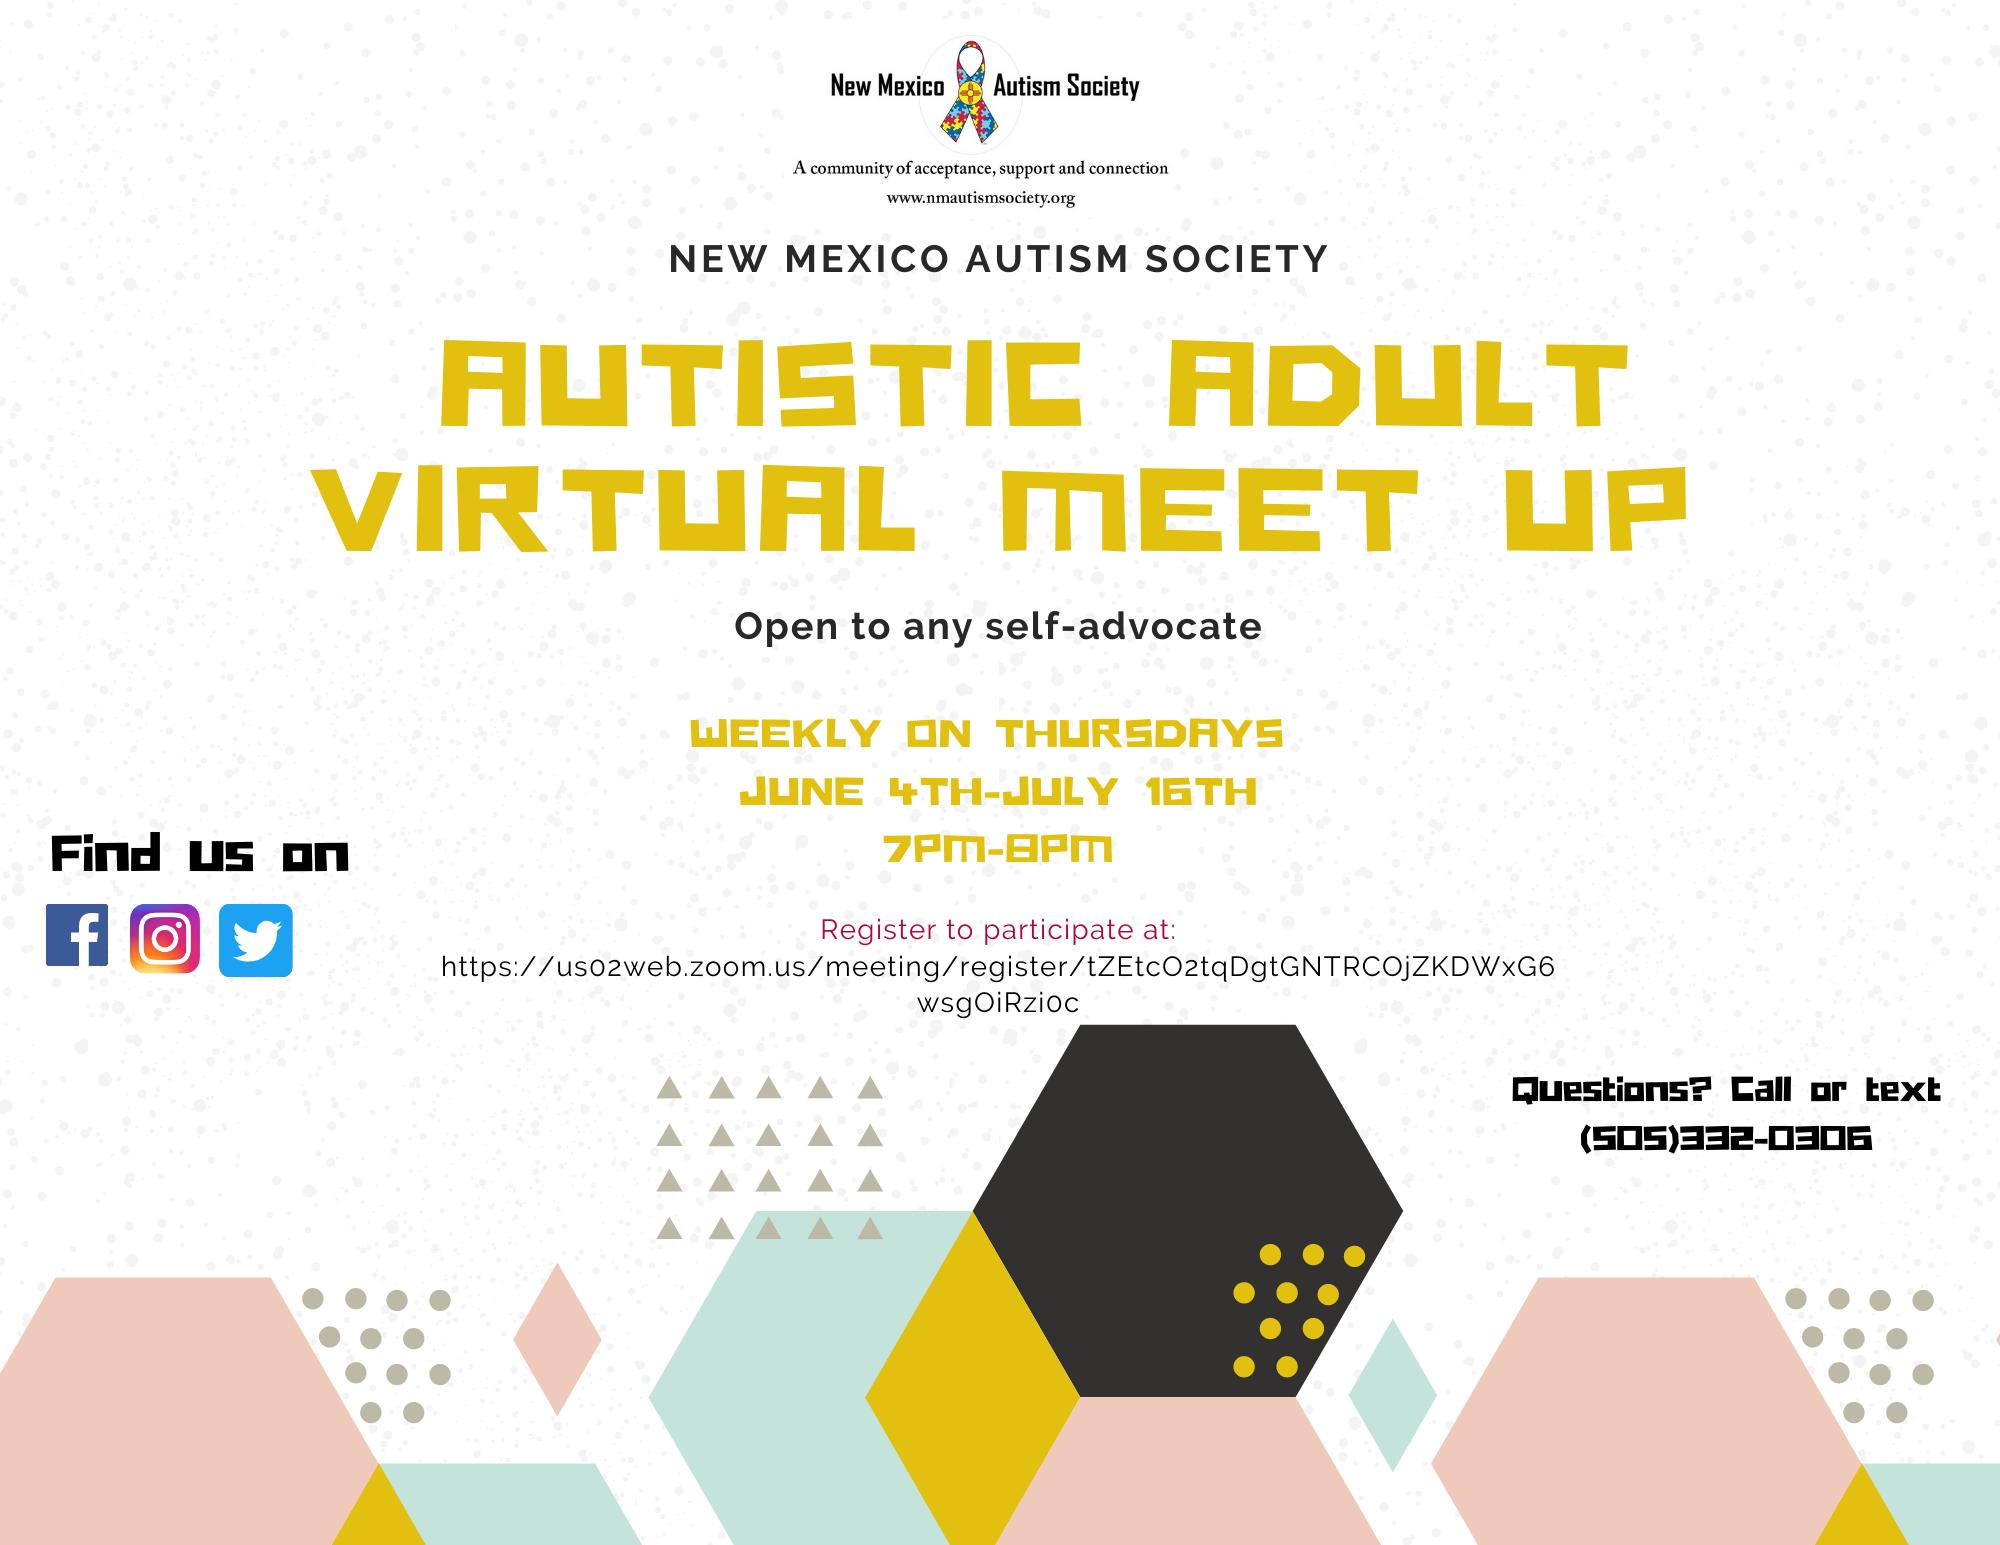 Autistic Adult Virtual Meet Up Image